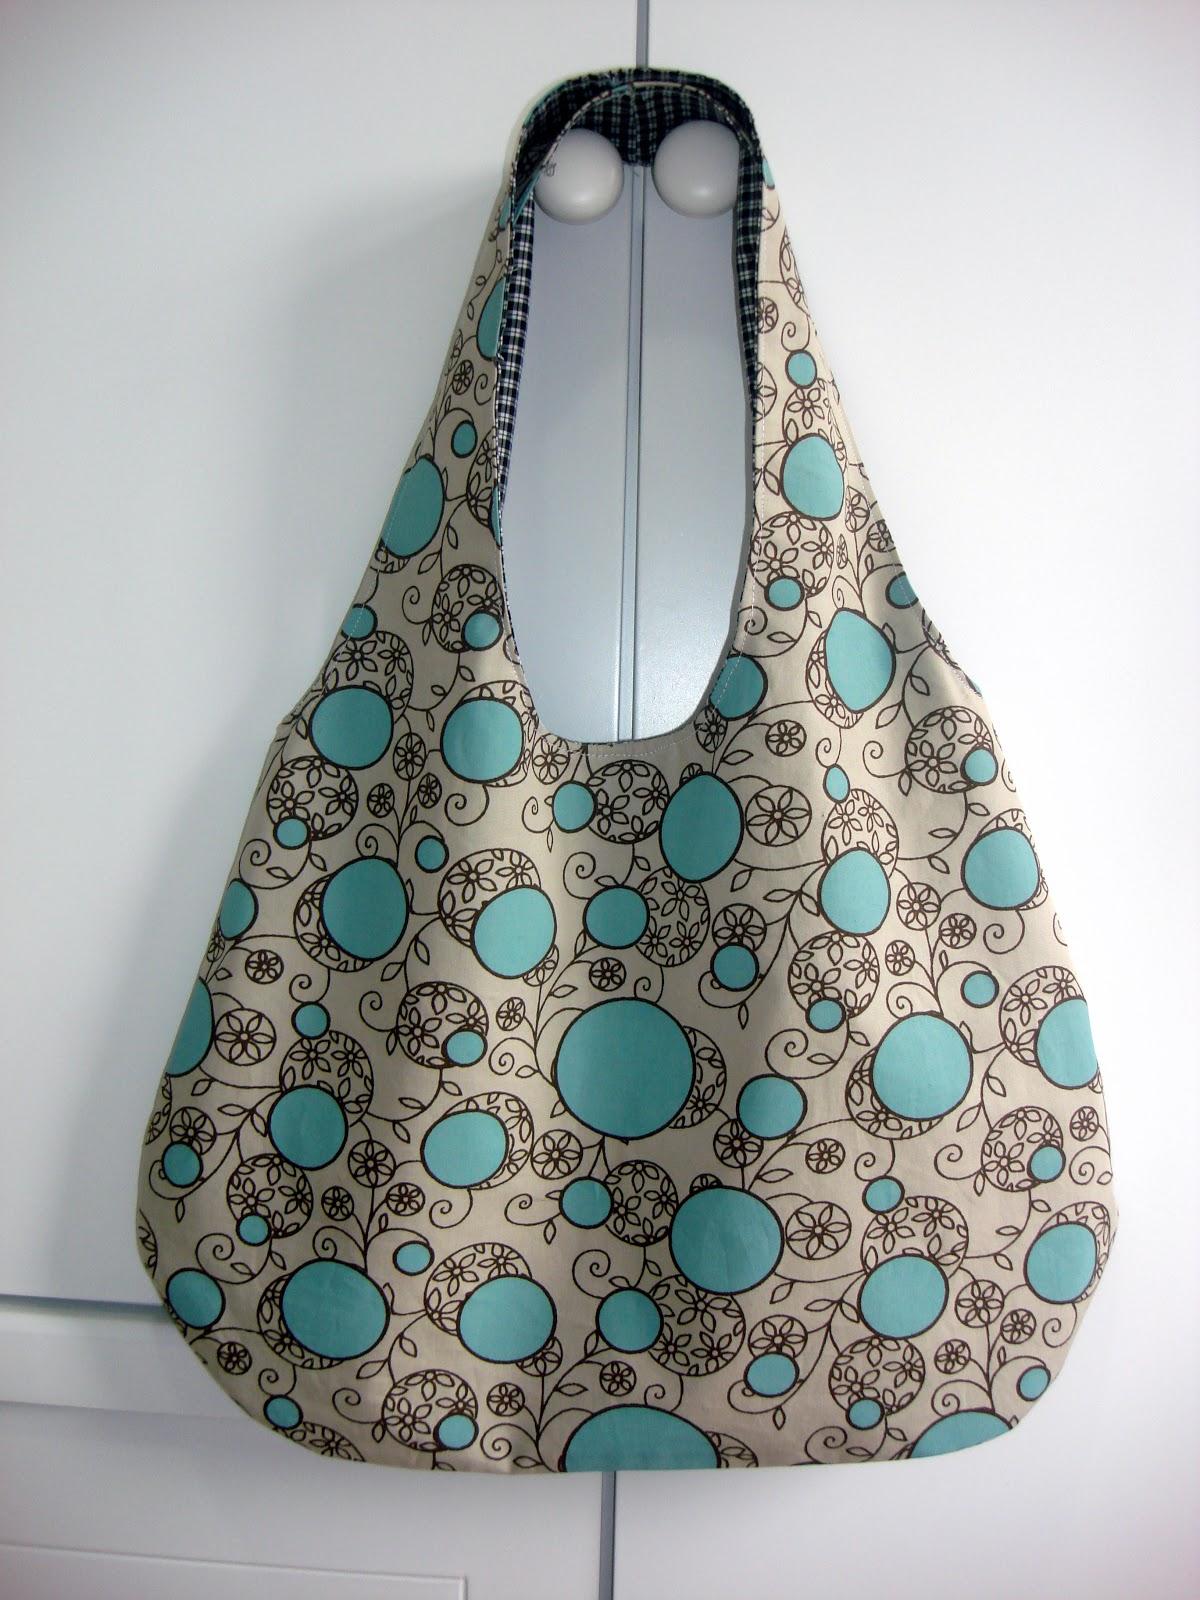 Bolsa De Tecido Passo A Passo Como Fazer : Arte de unir retalhos bolsa tecido revers?vel